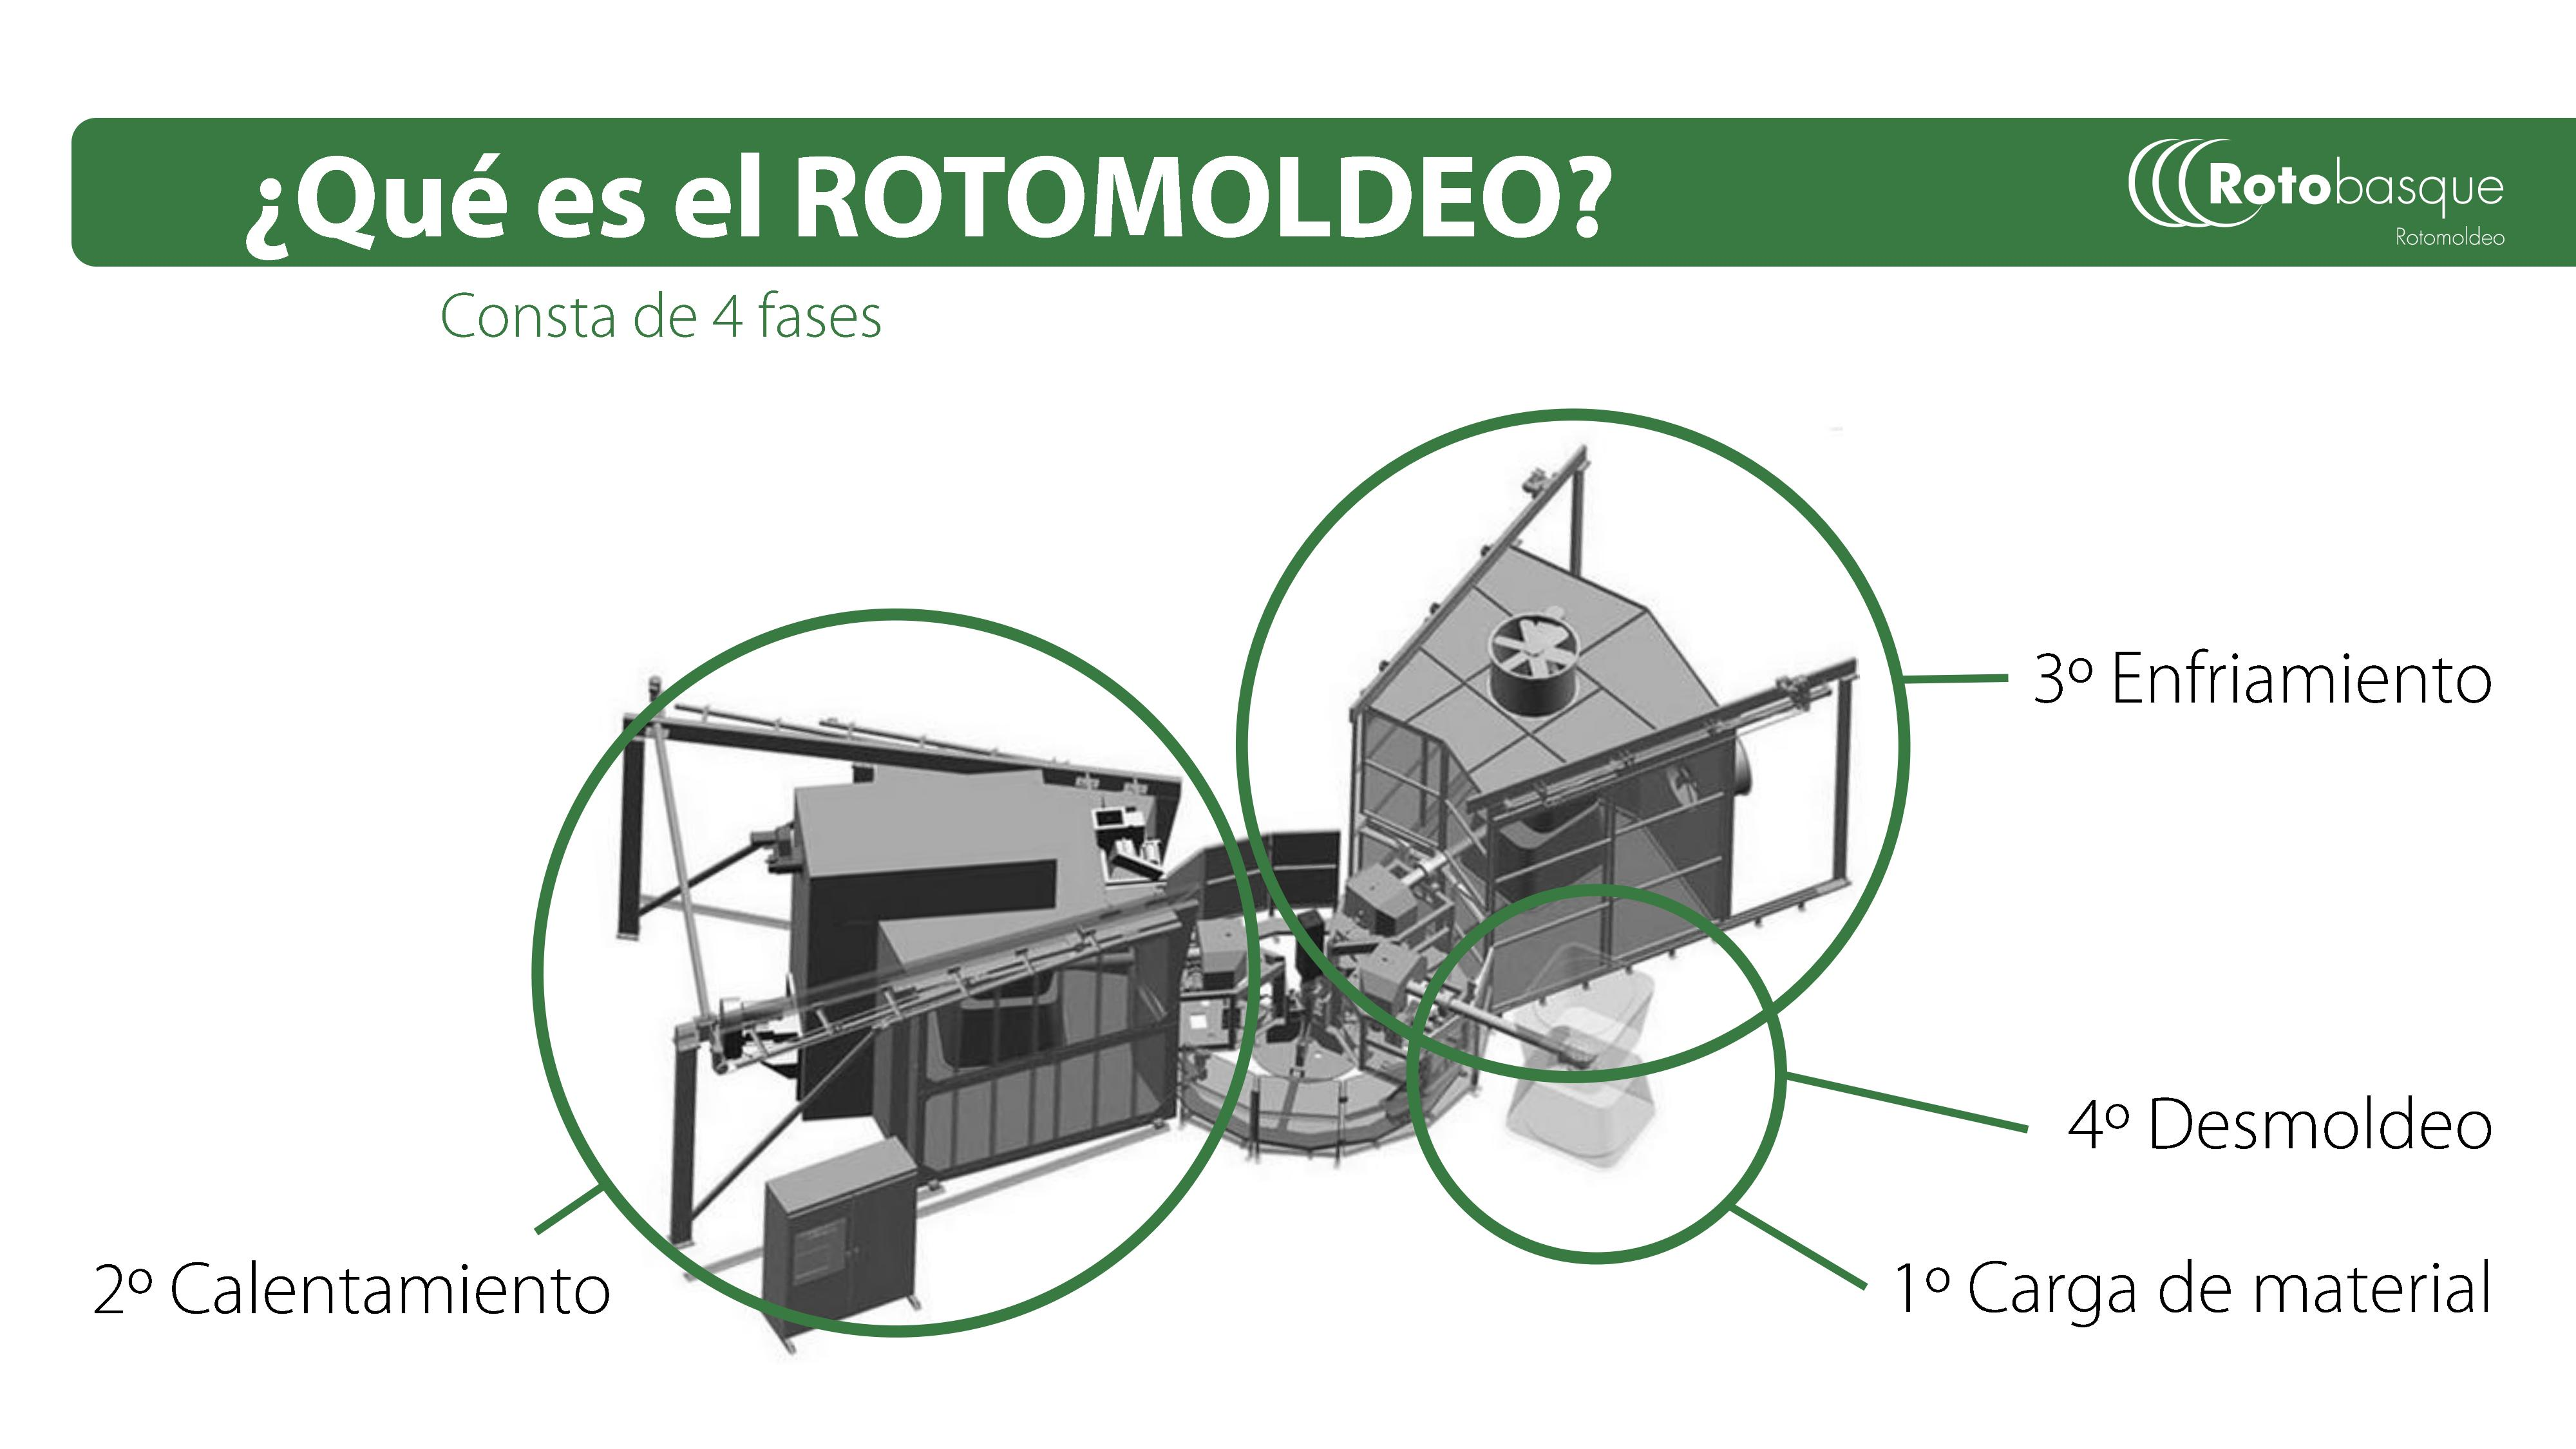 ¿Qué es el rotomoldeo? Explicación de las fases del proceso de rotomoldeo de plasticos en Rotobasque